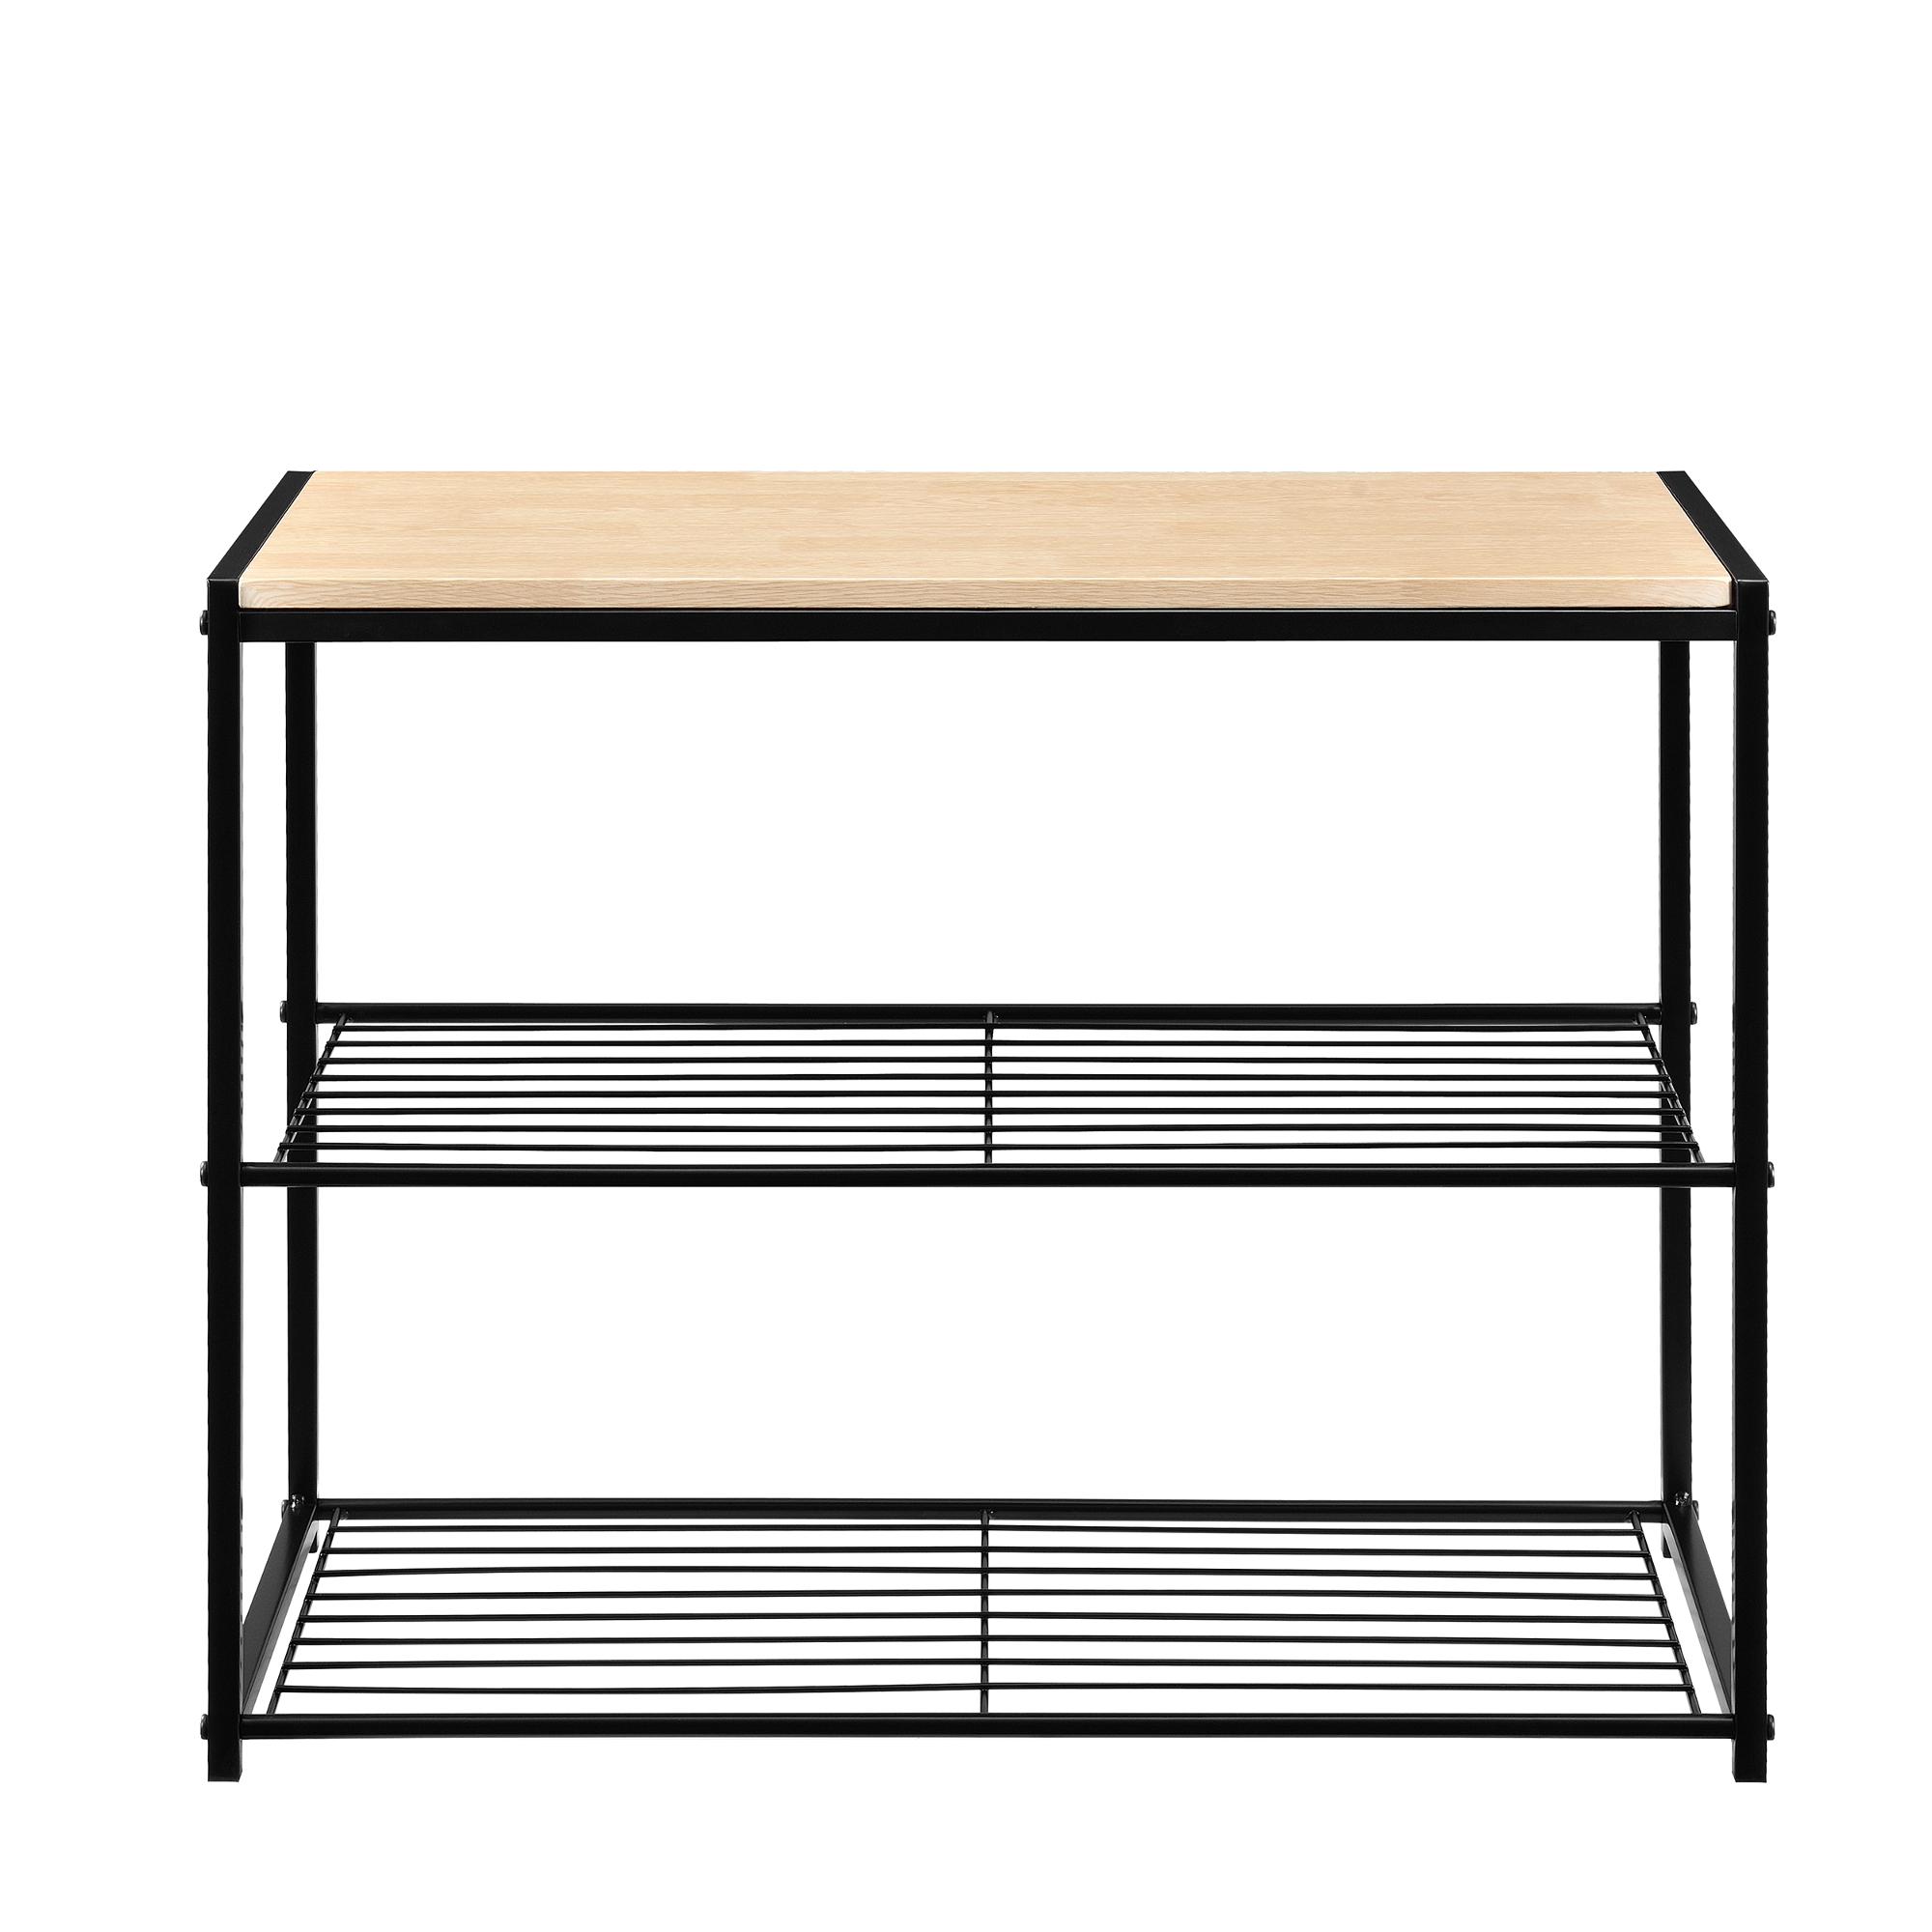 schuhregal schuhablage schrank schuhaufbewahrung metall kommode ebay. Black Bedroom Furniture Sets. Home Design Ideas